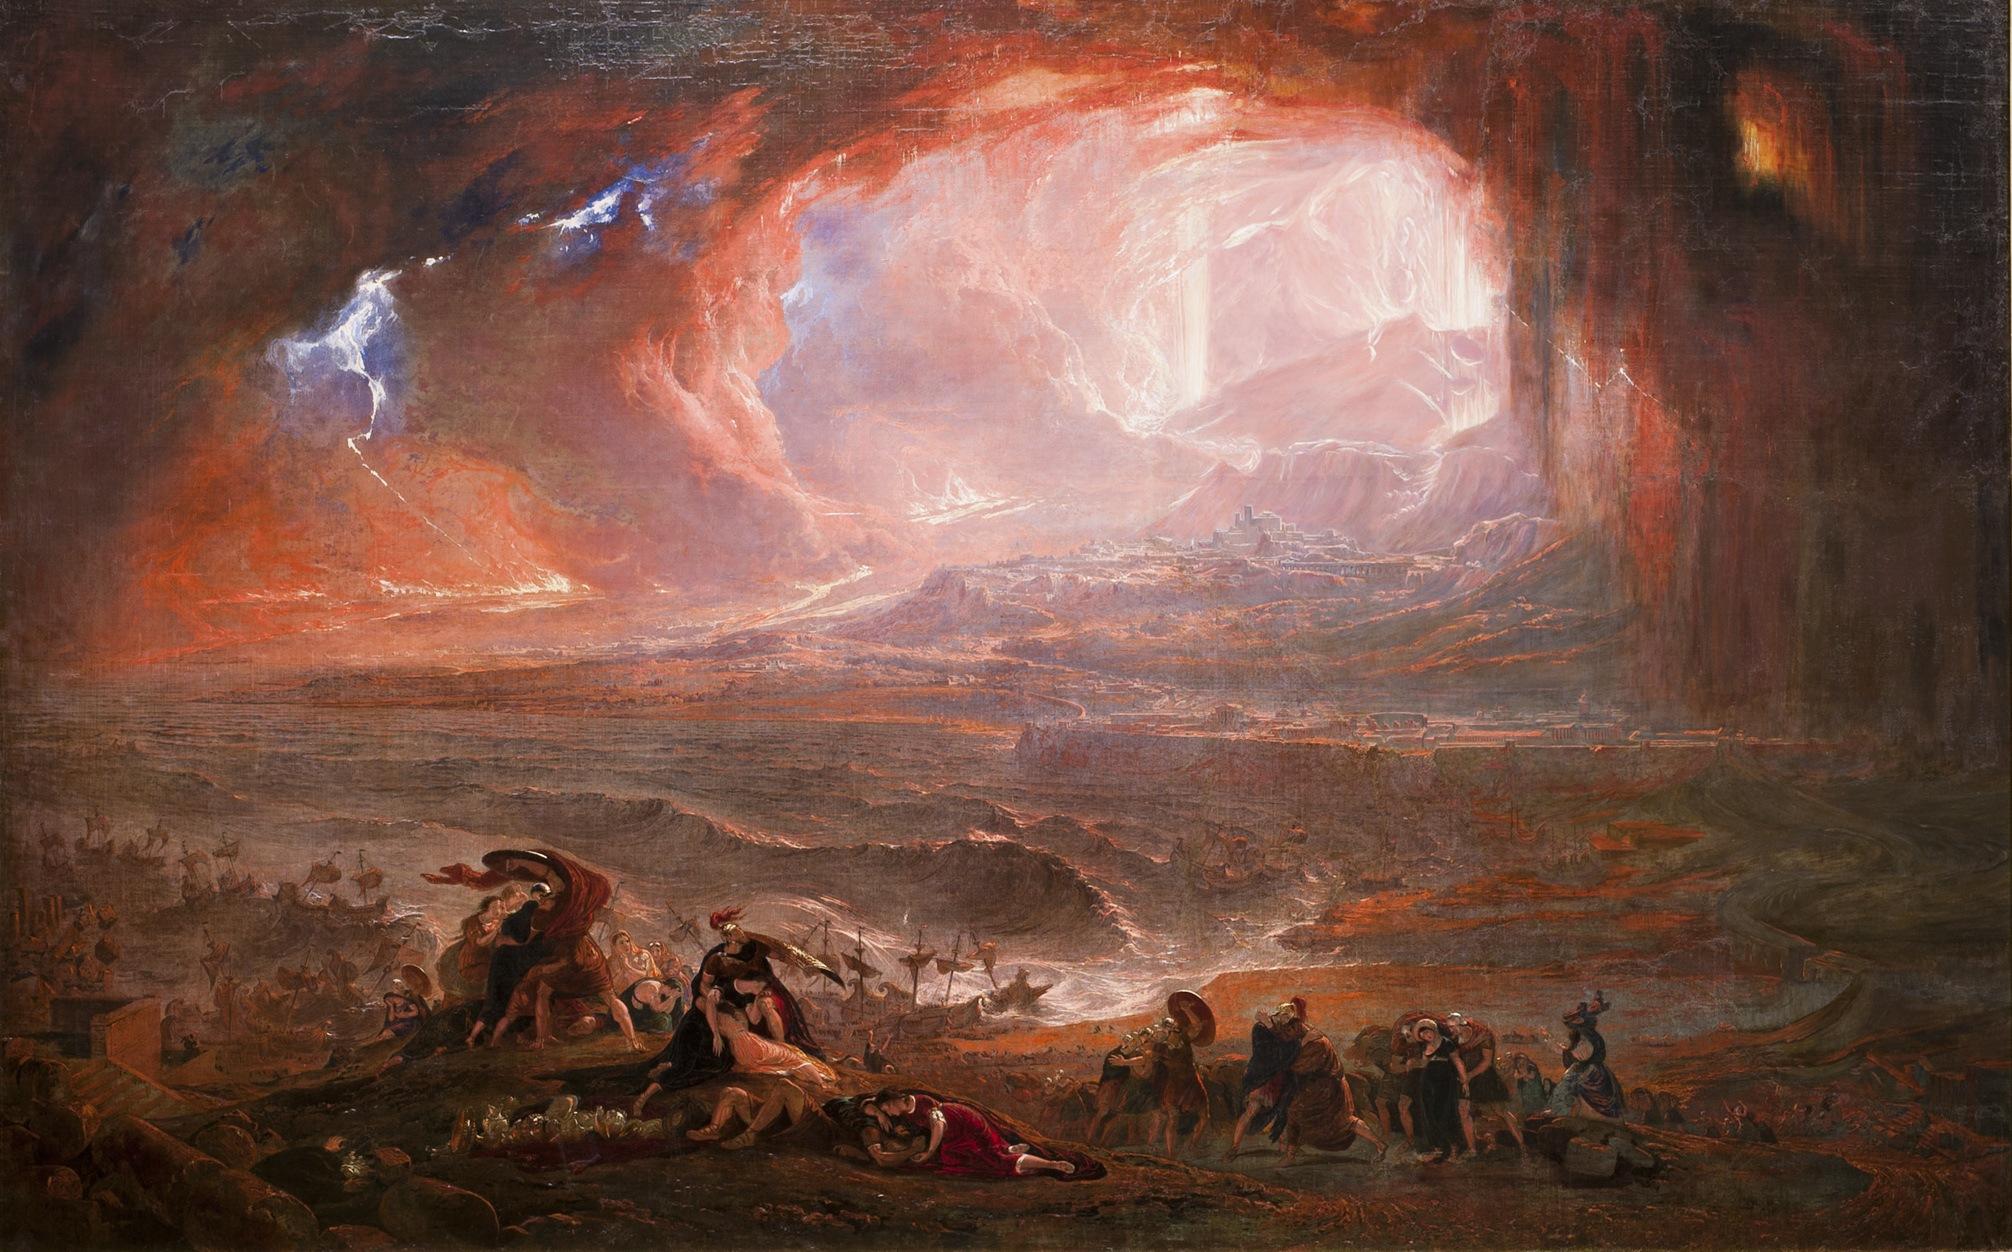 Eruption Of Mount Vesuvius In 79